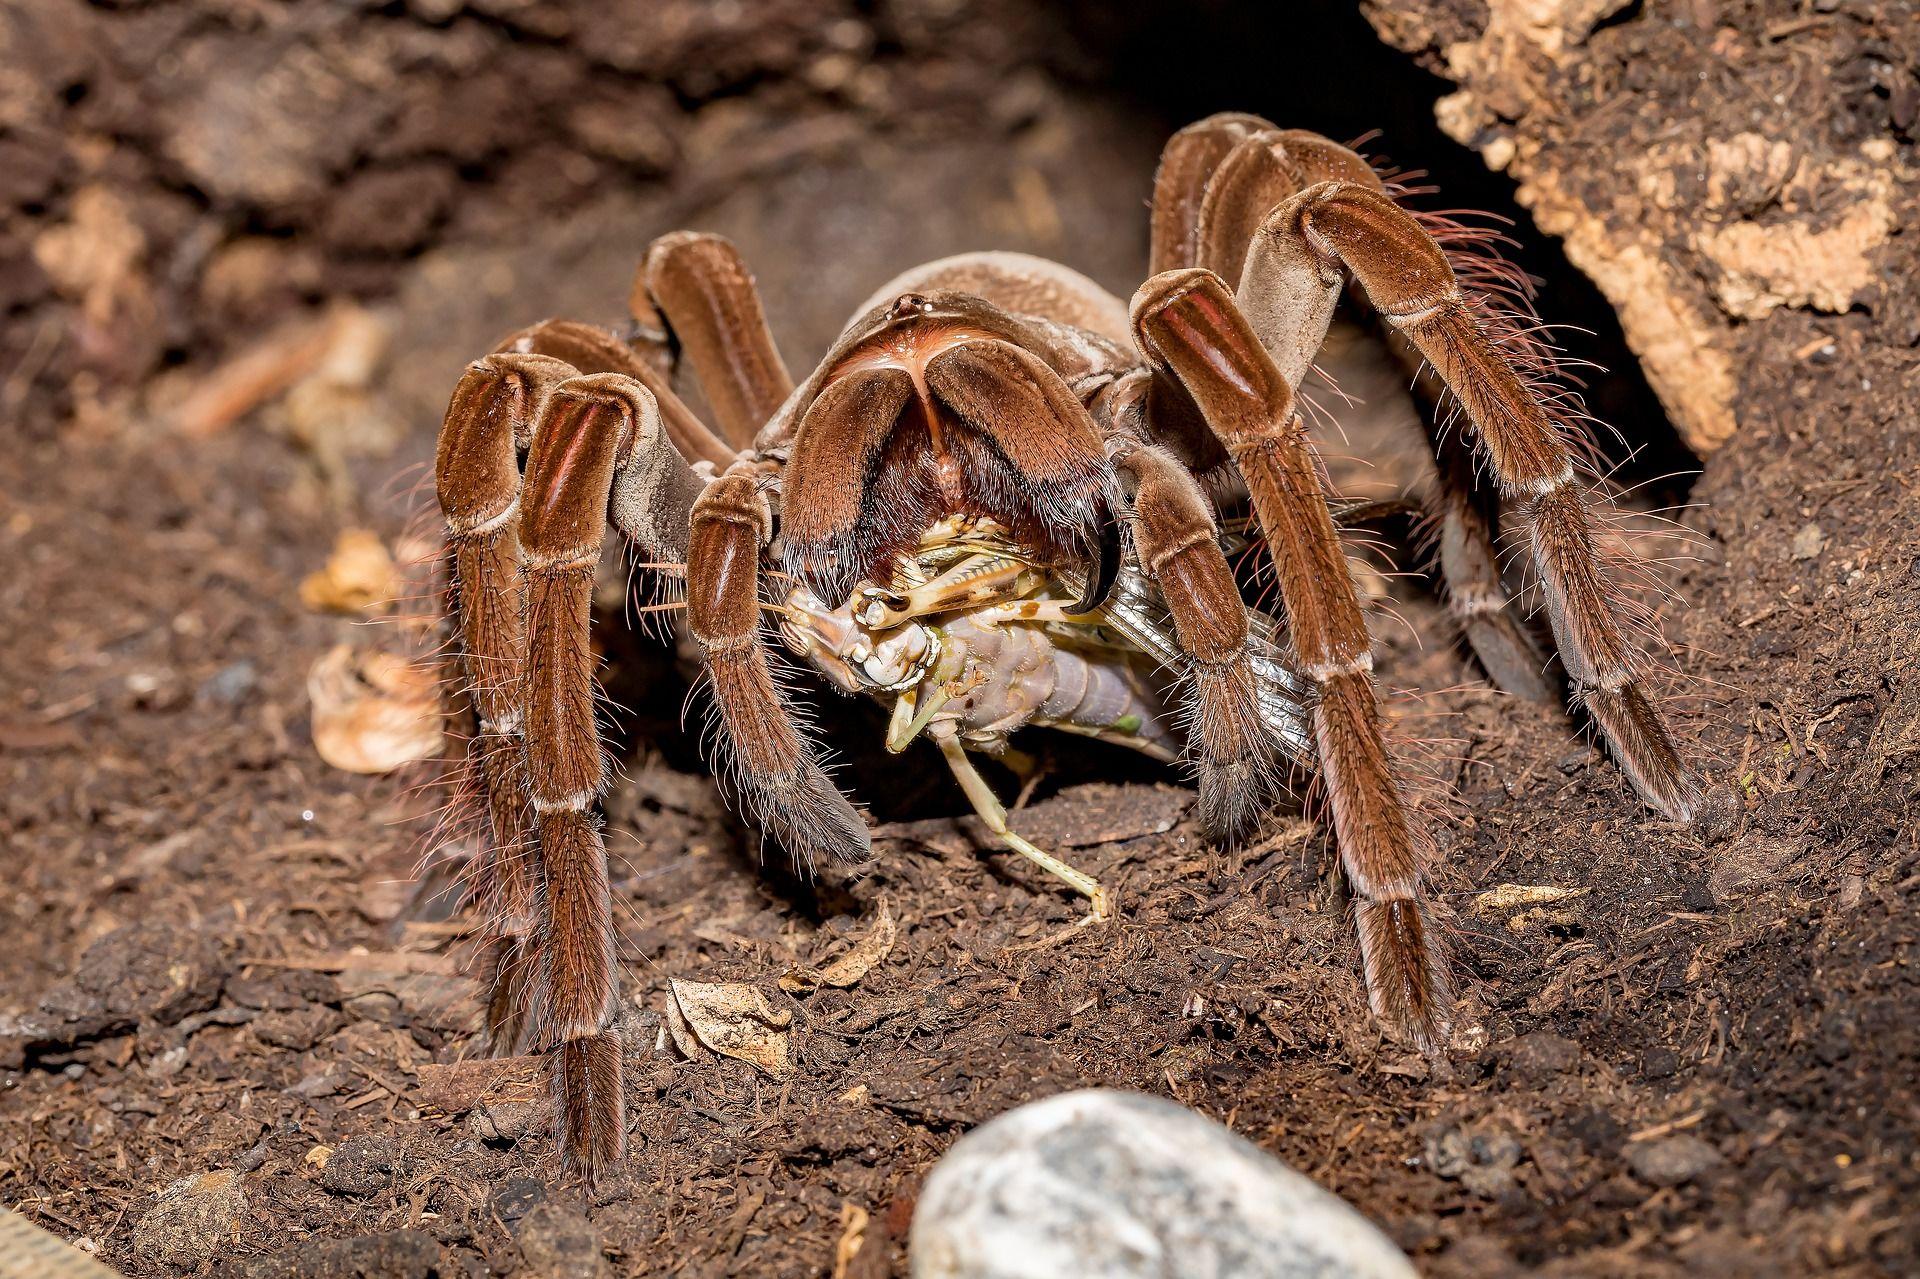 Купить фото паука тарантула? Бесплатно скачайте у нас